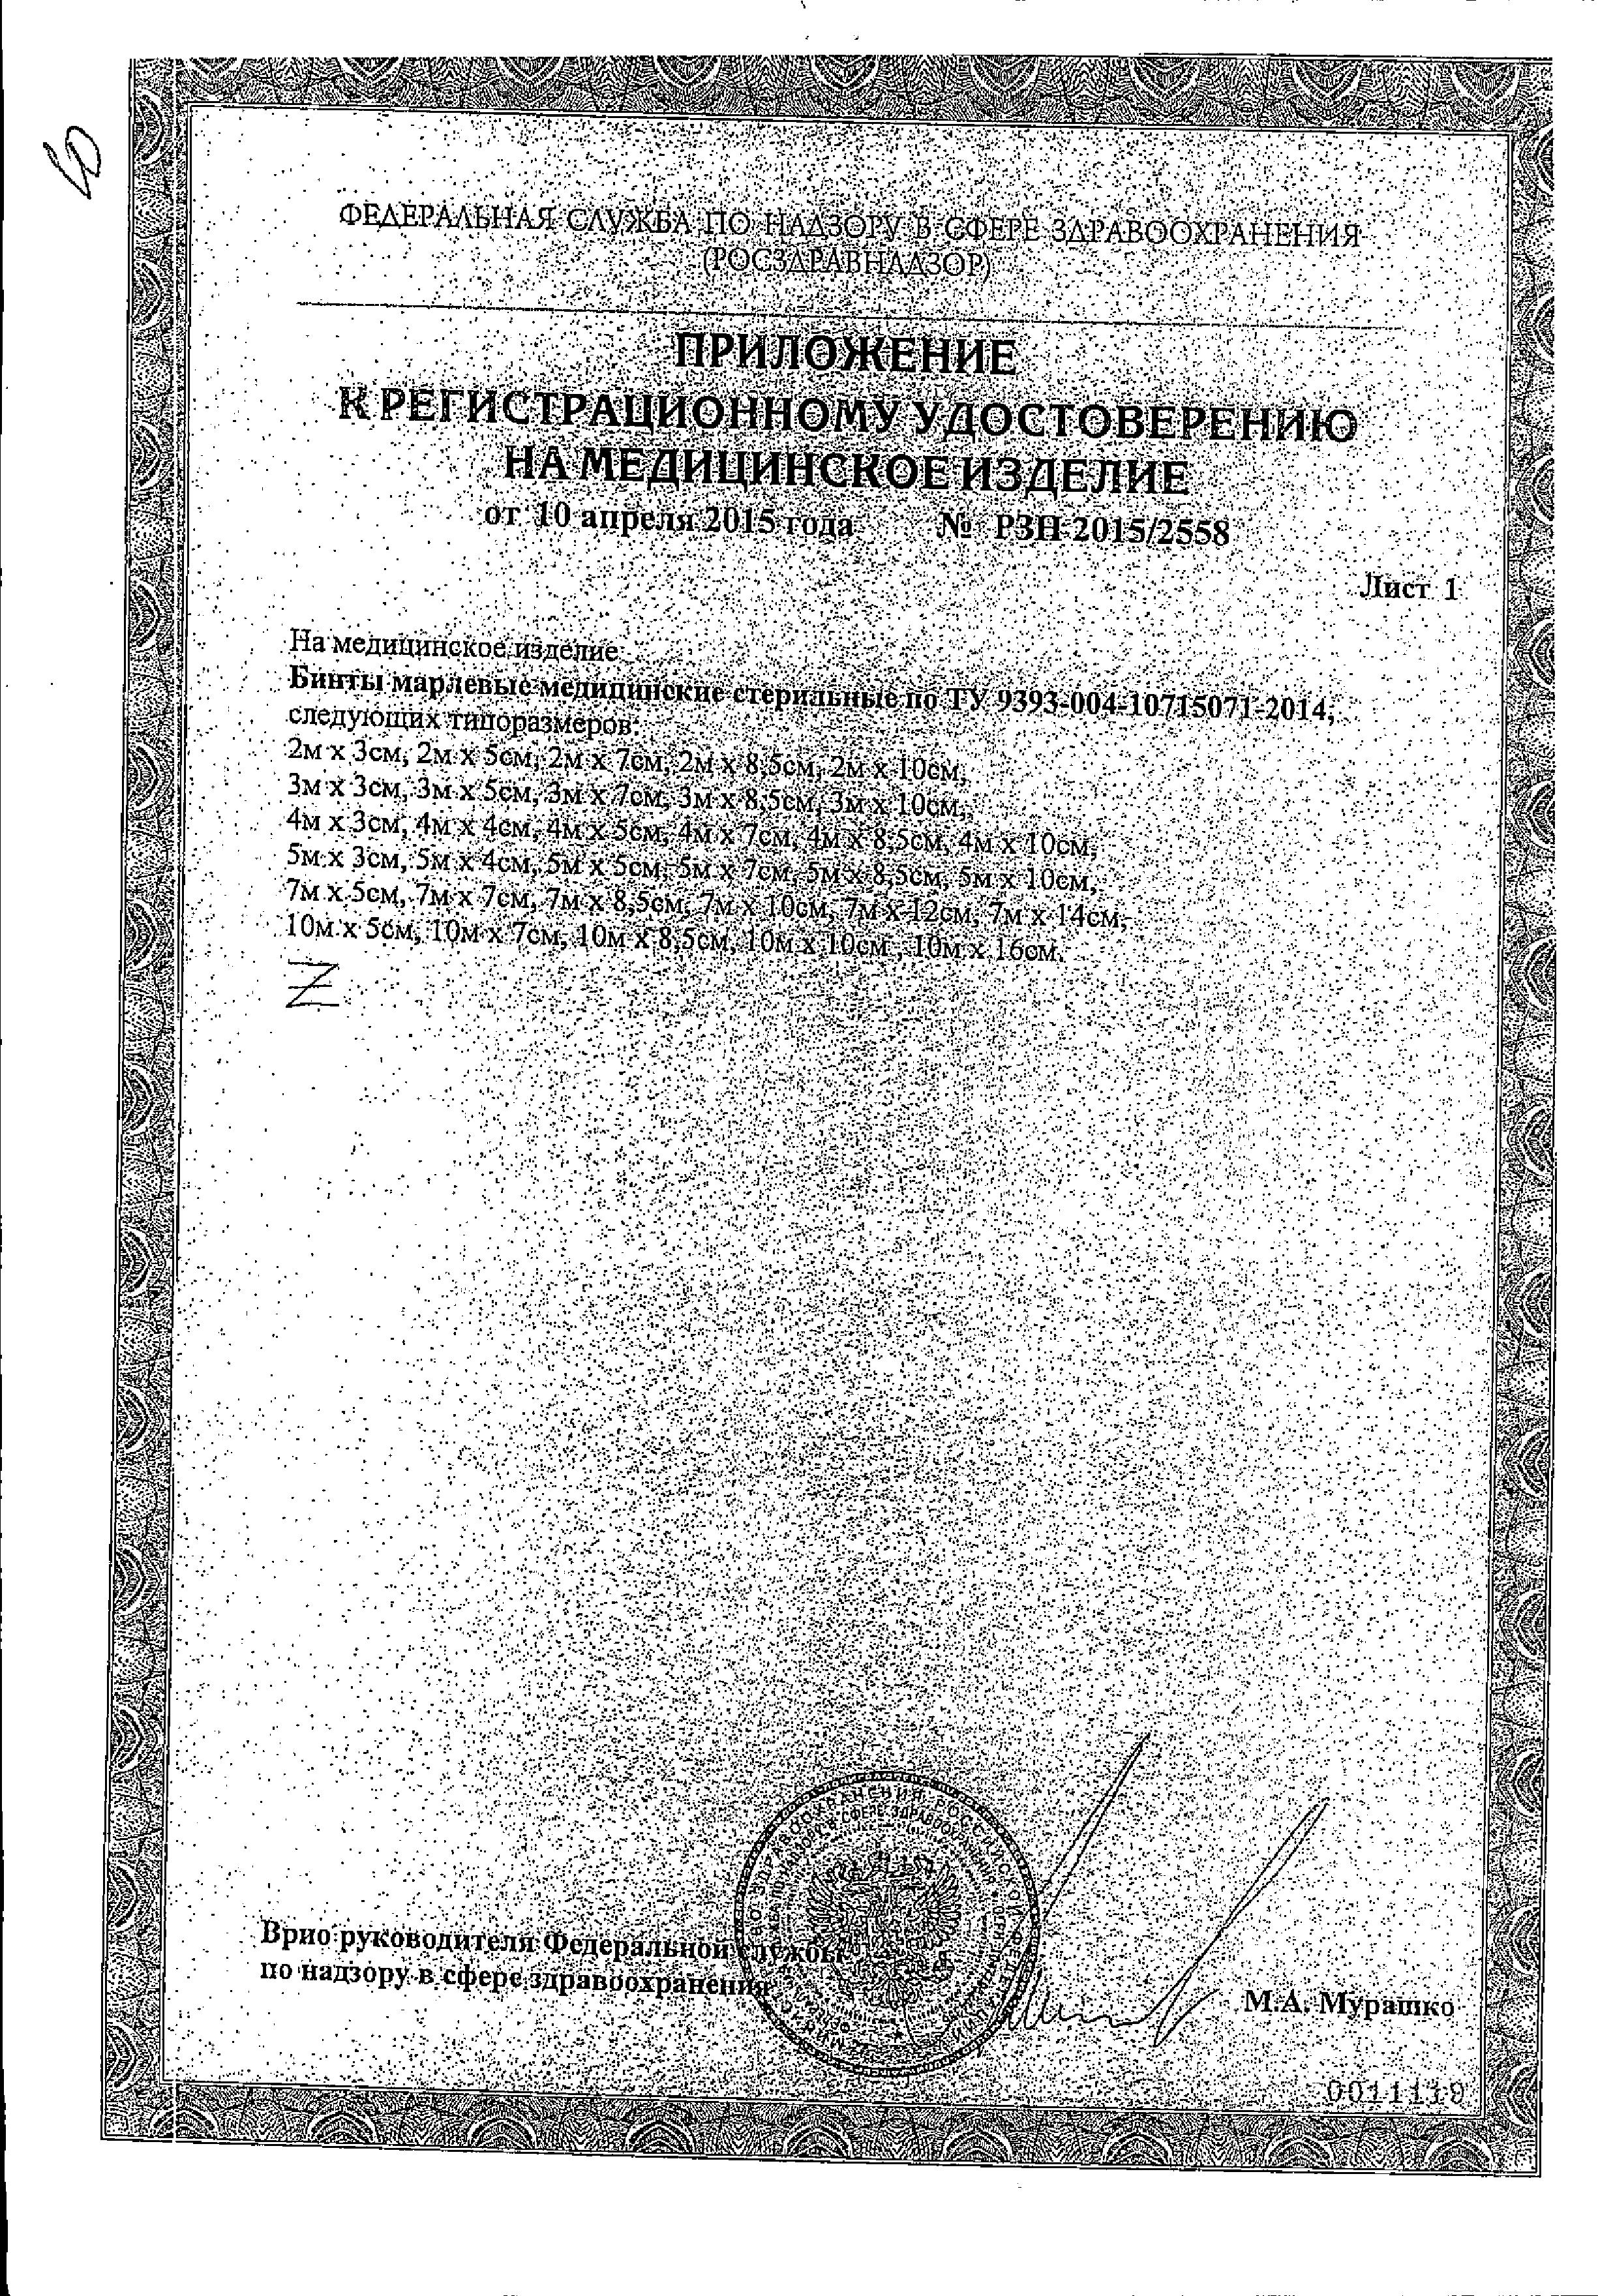 Клинса бинт марлевый стерильный высокой плотности сертификат